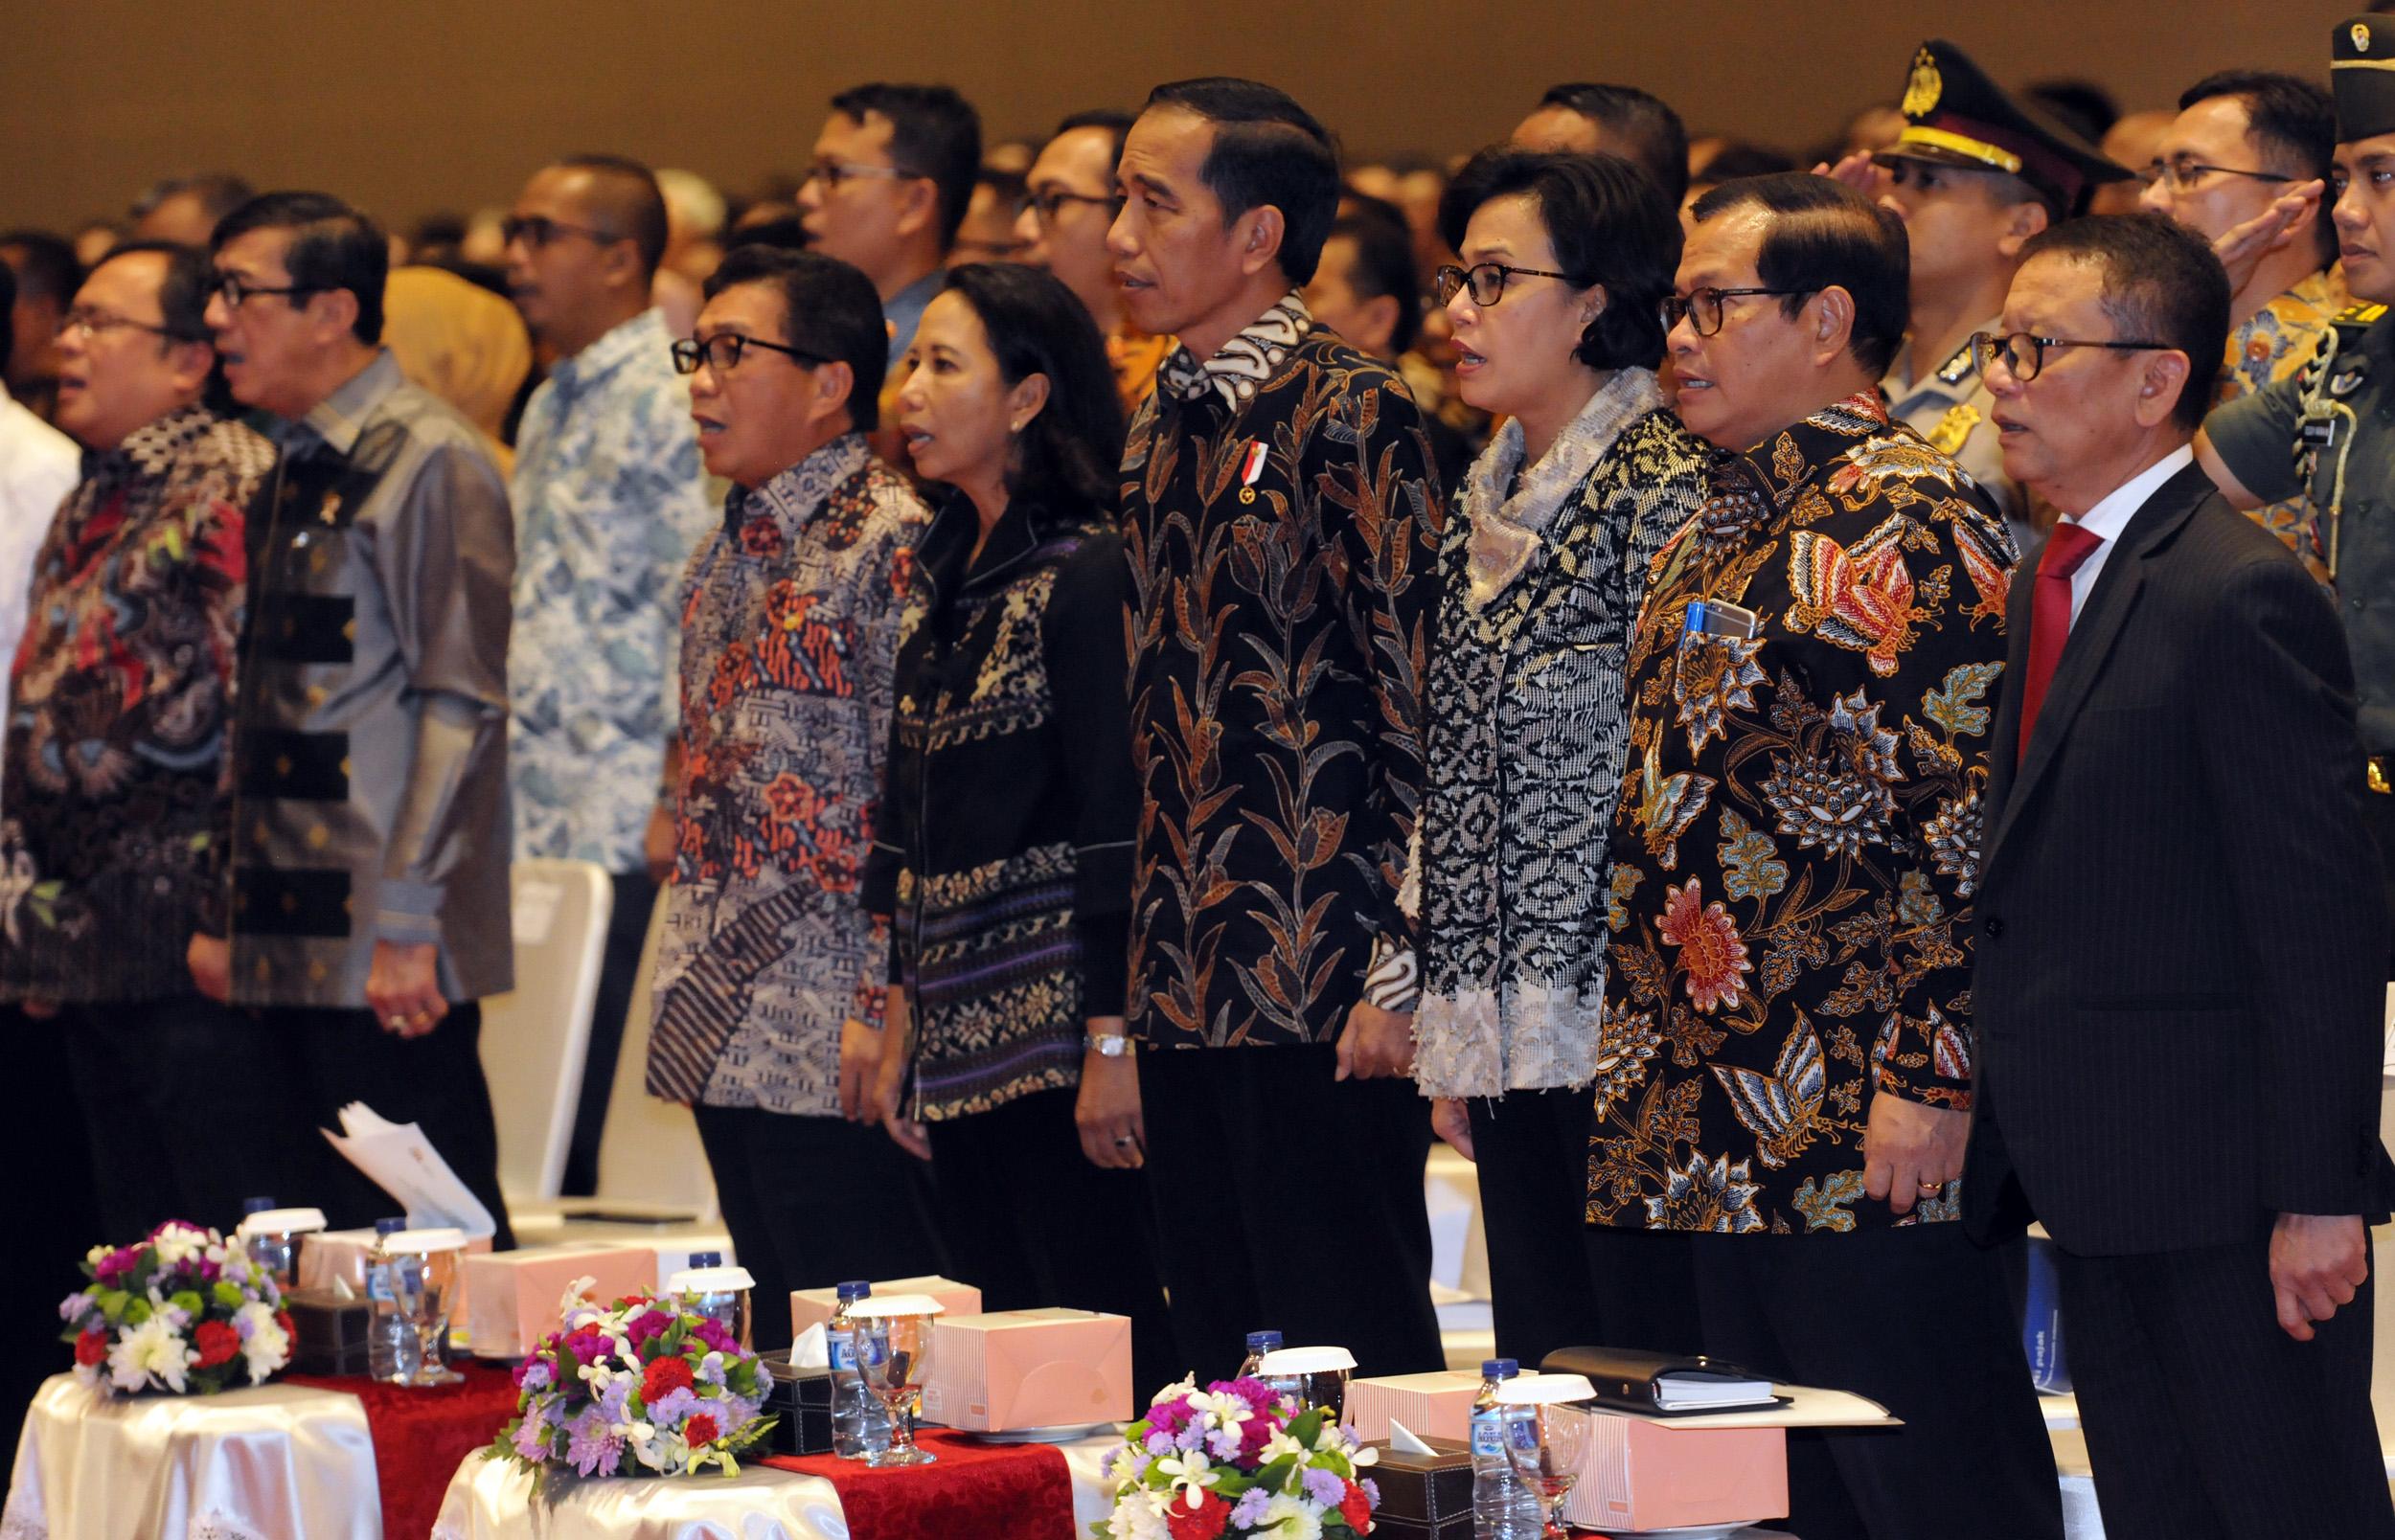 Presiden Jokowi didampingi sejumlah menteri menghadiri Sosialisai Tahap Akhir Amnesti Pajak, di JI-EXPO, Kemayoran, Jakarta Pusat, Selasa (28/2) siang. (Foto: Rahmat/Humas)